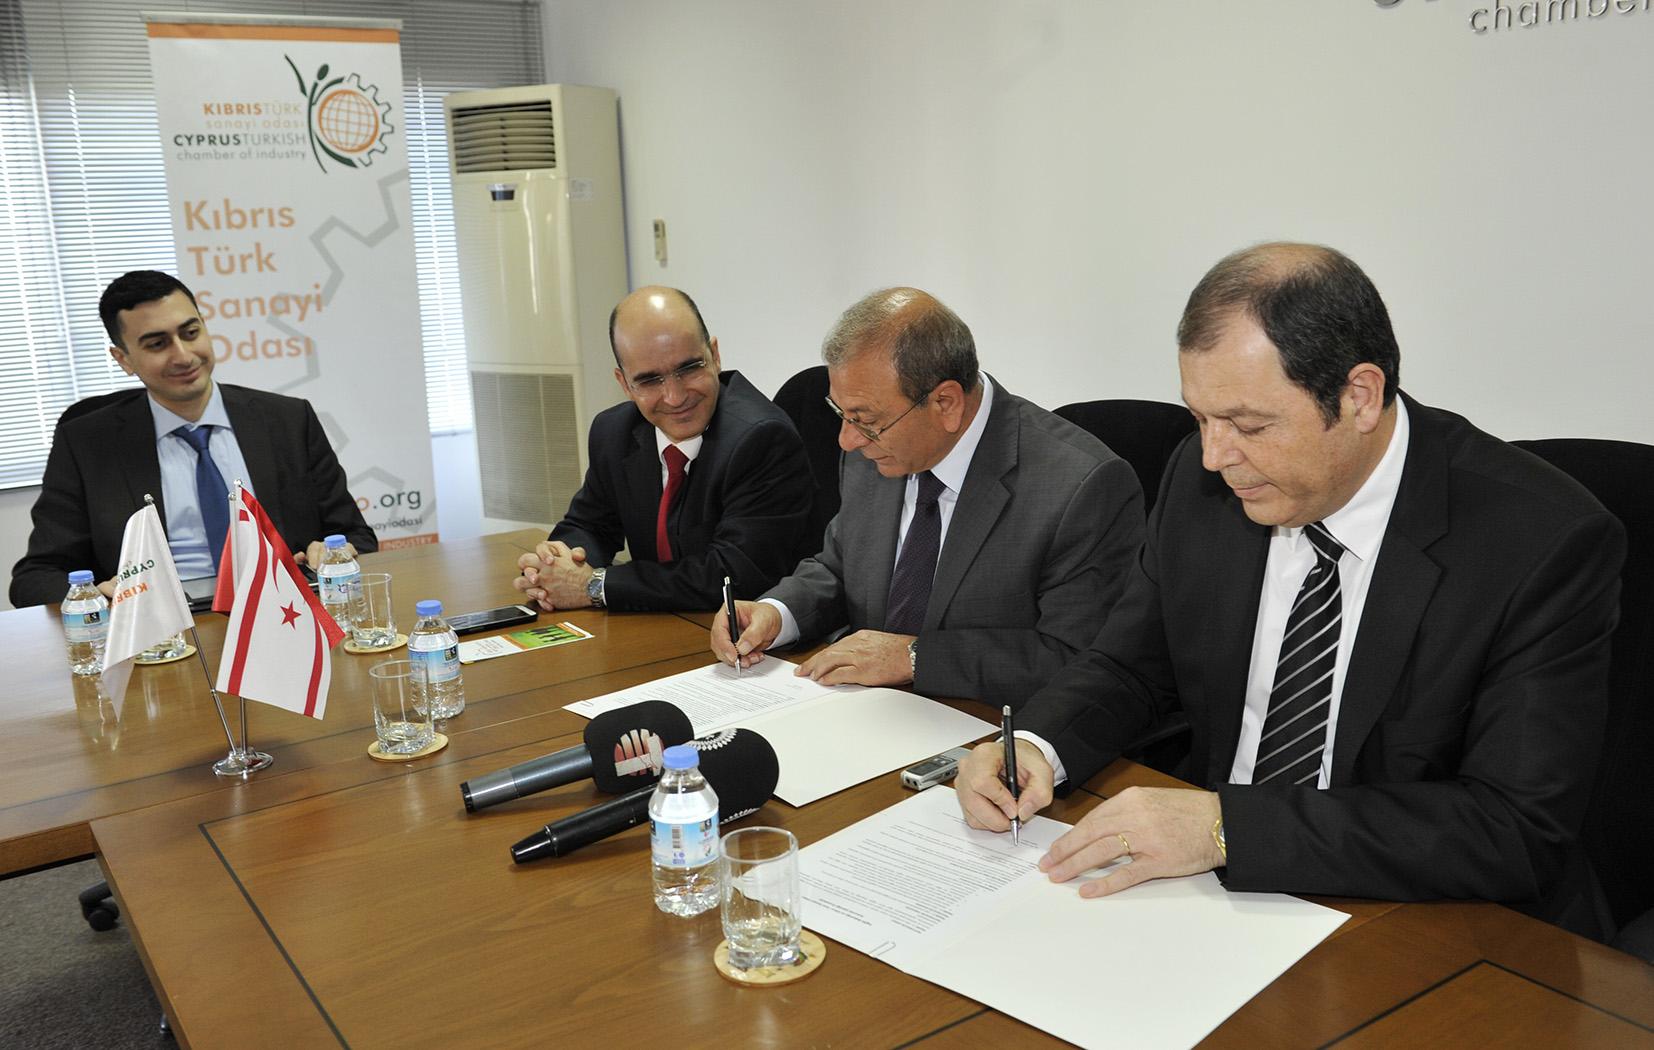 Sağlık Bakanlığı ile KTSO arasında protokol